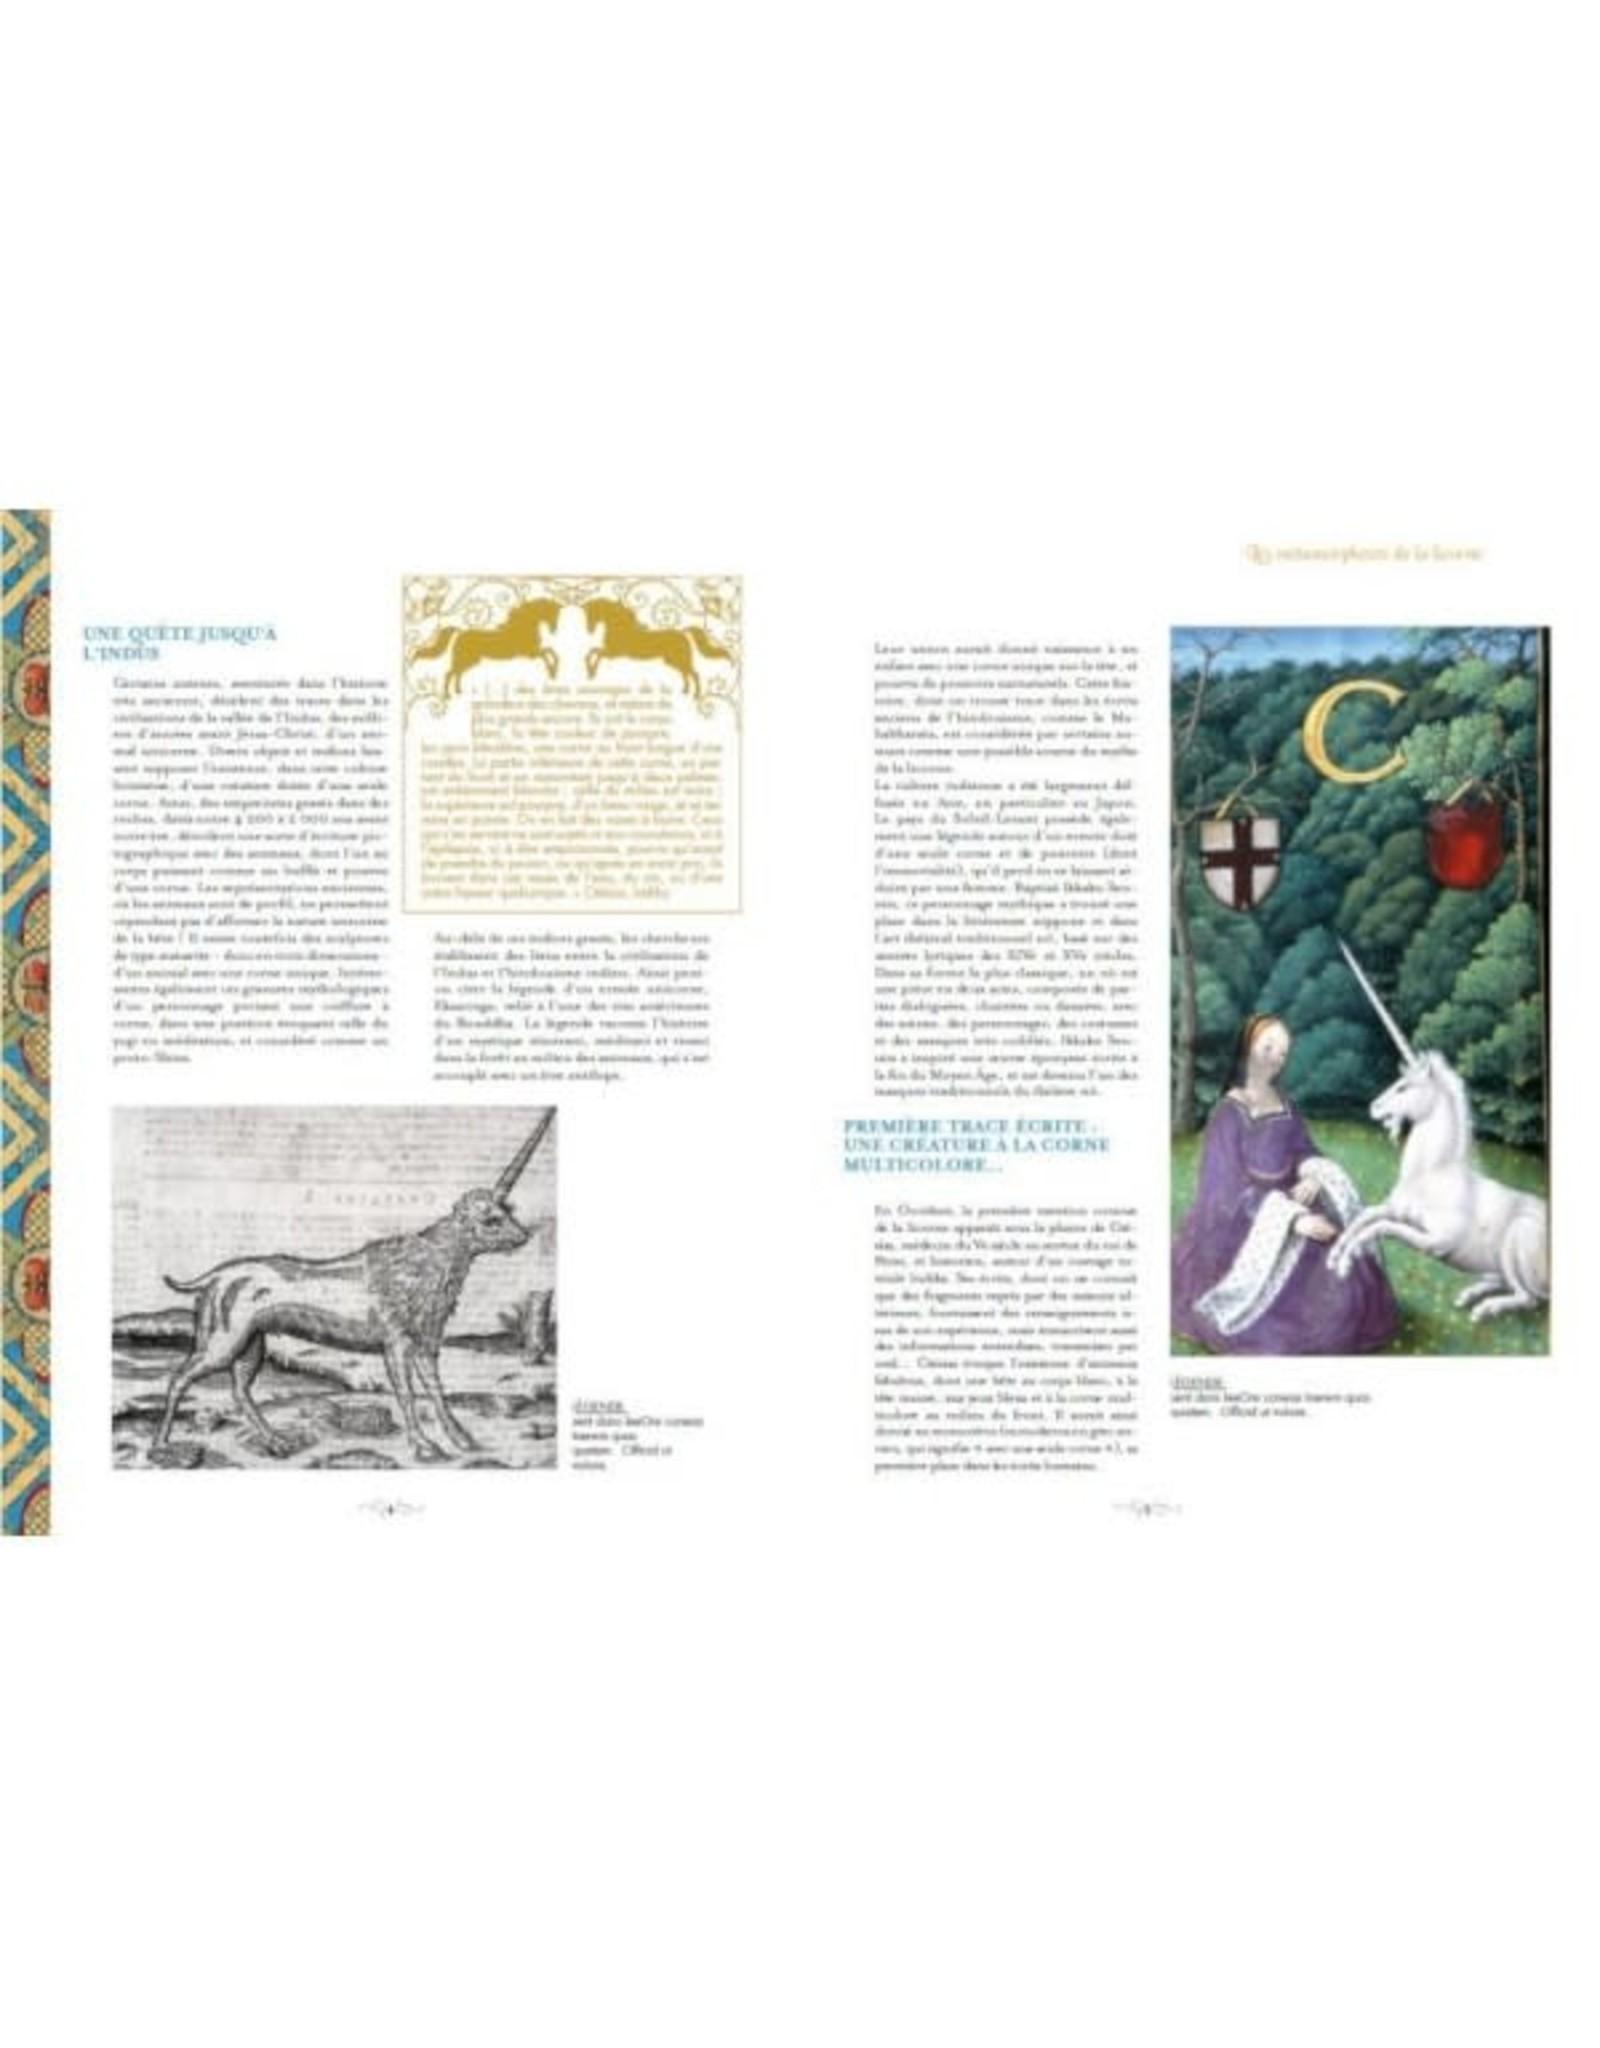 La Licornerie Unicorn Collection Book: Histoire d'une créature légendaire